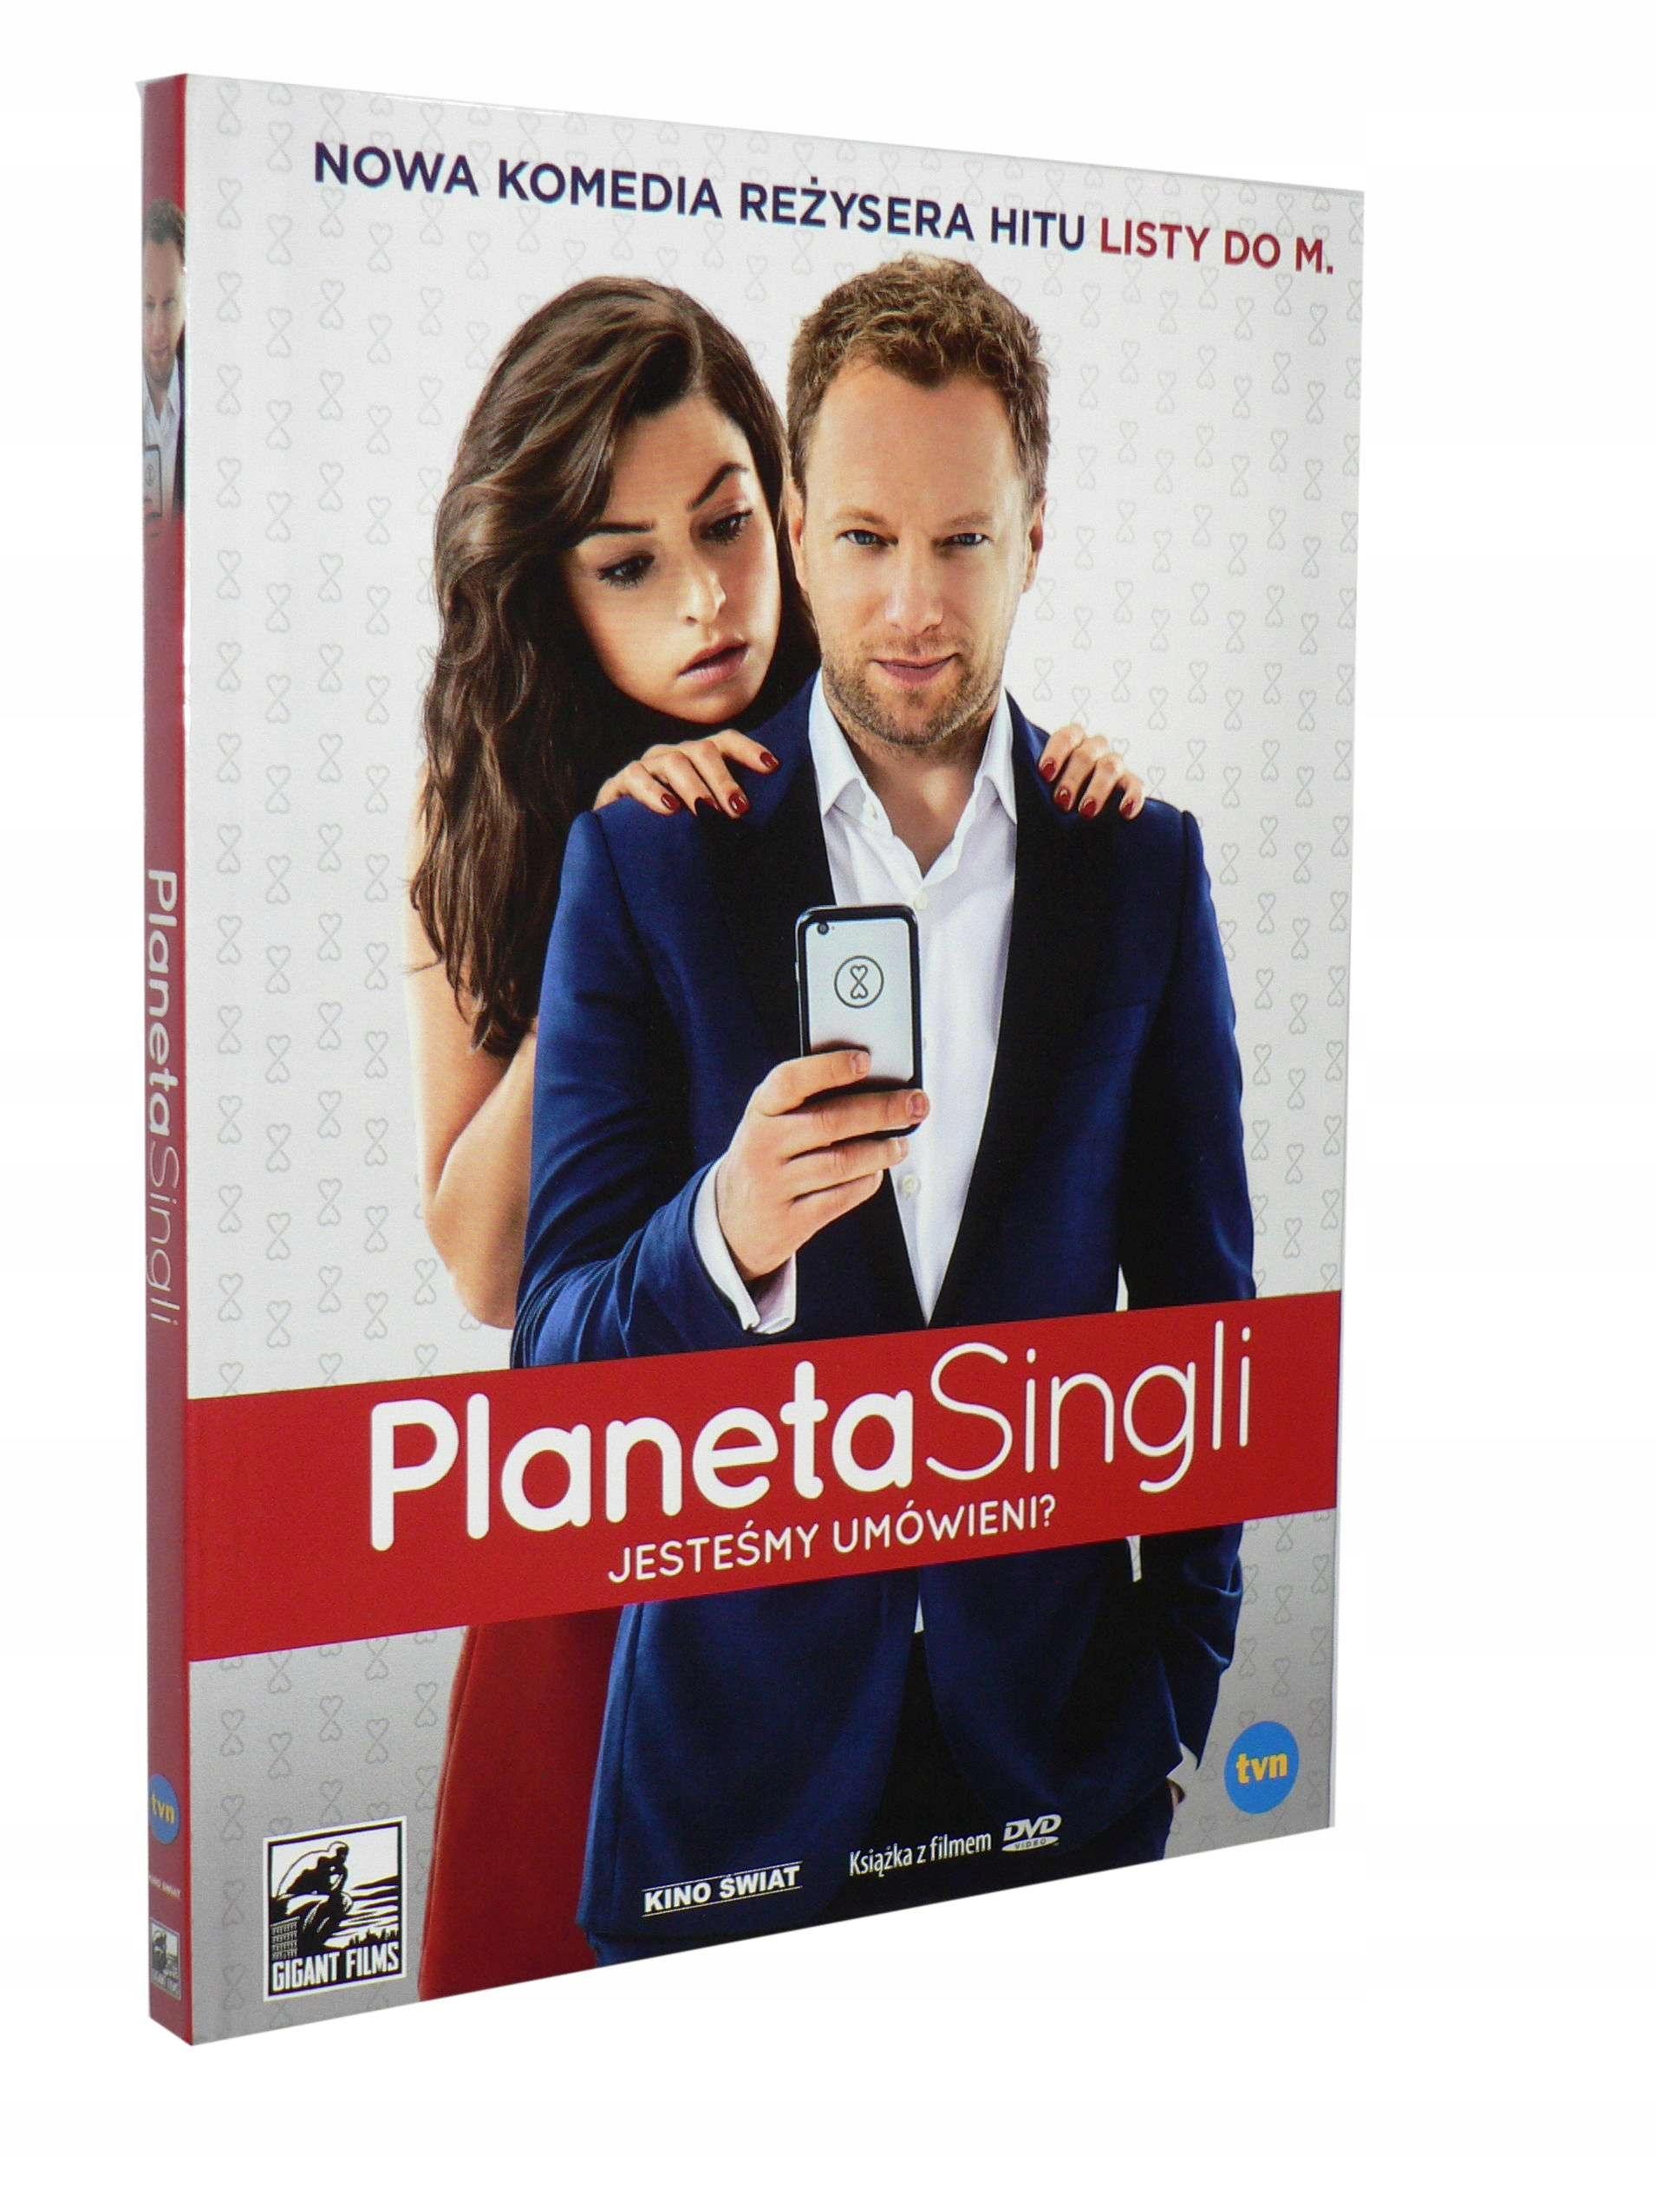 DVD - PLANETA SINGLI(2016) - Maciej Stuhr D.Stenka